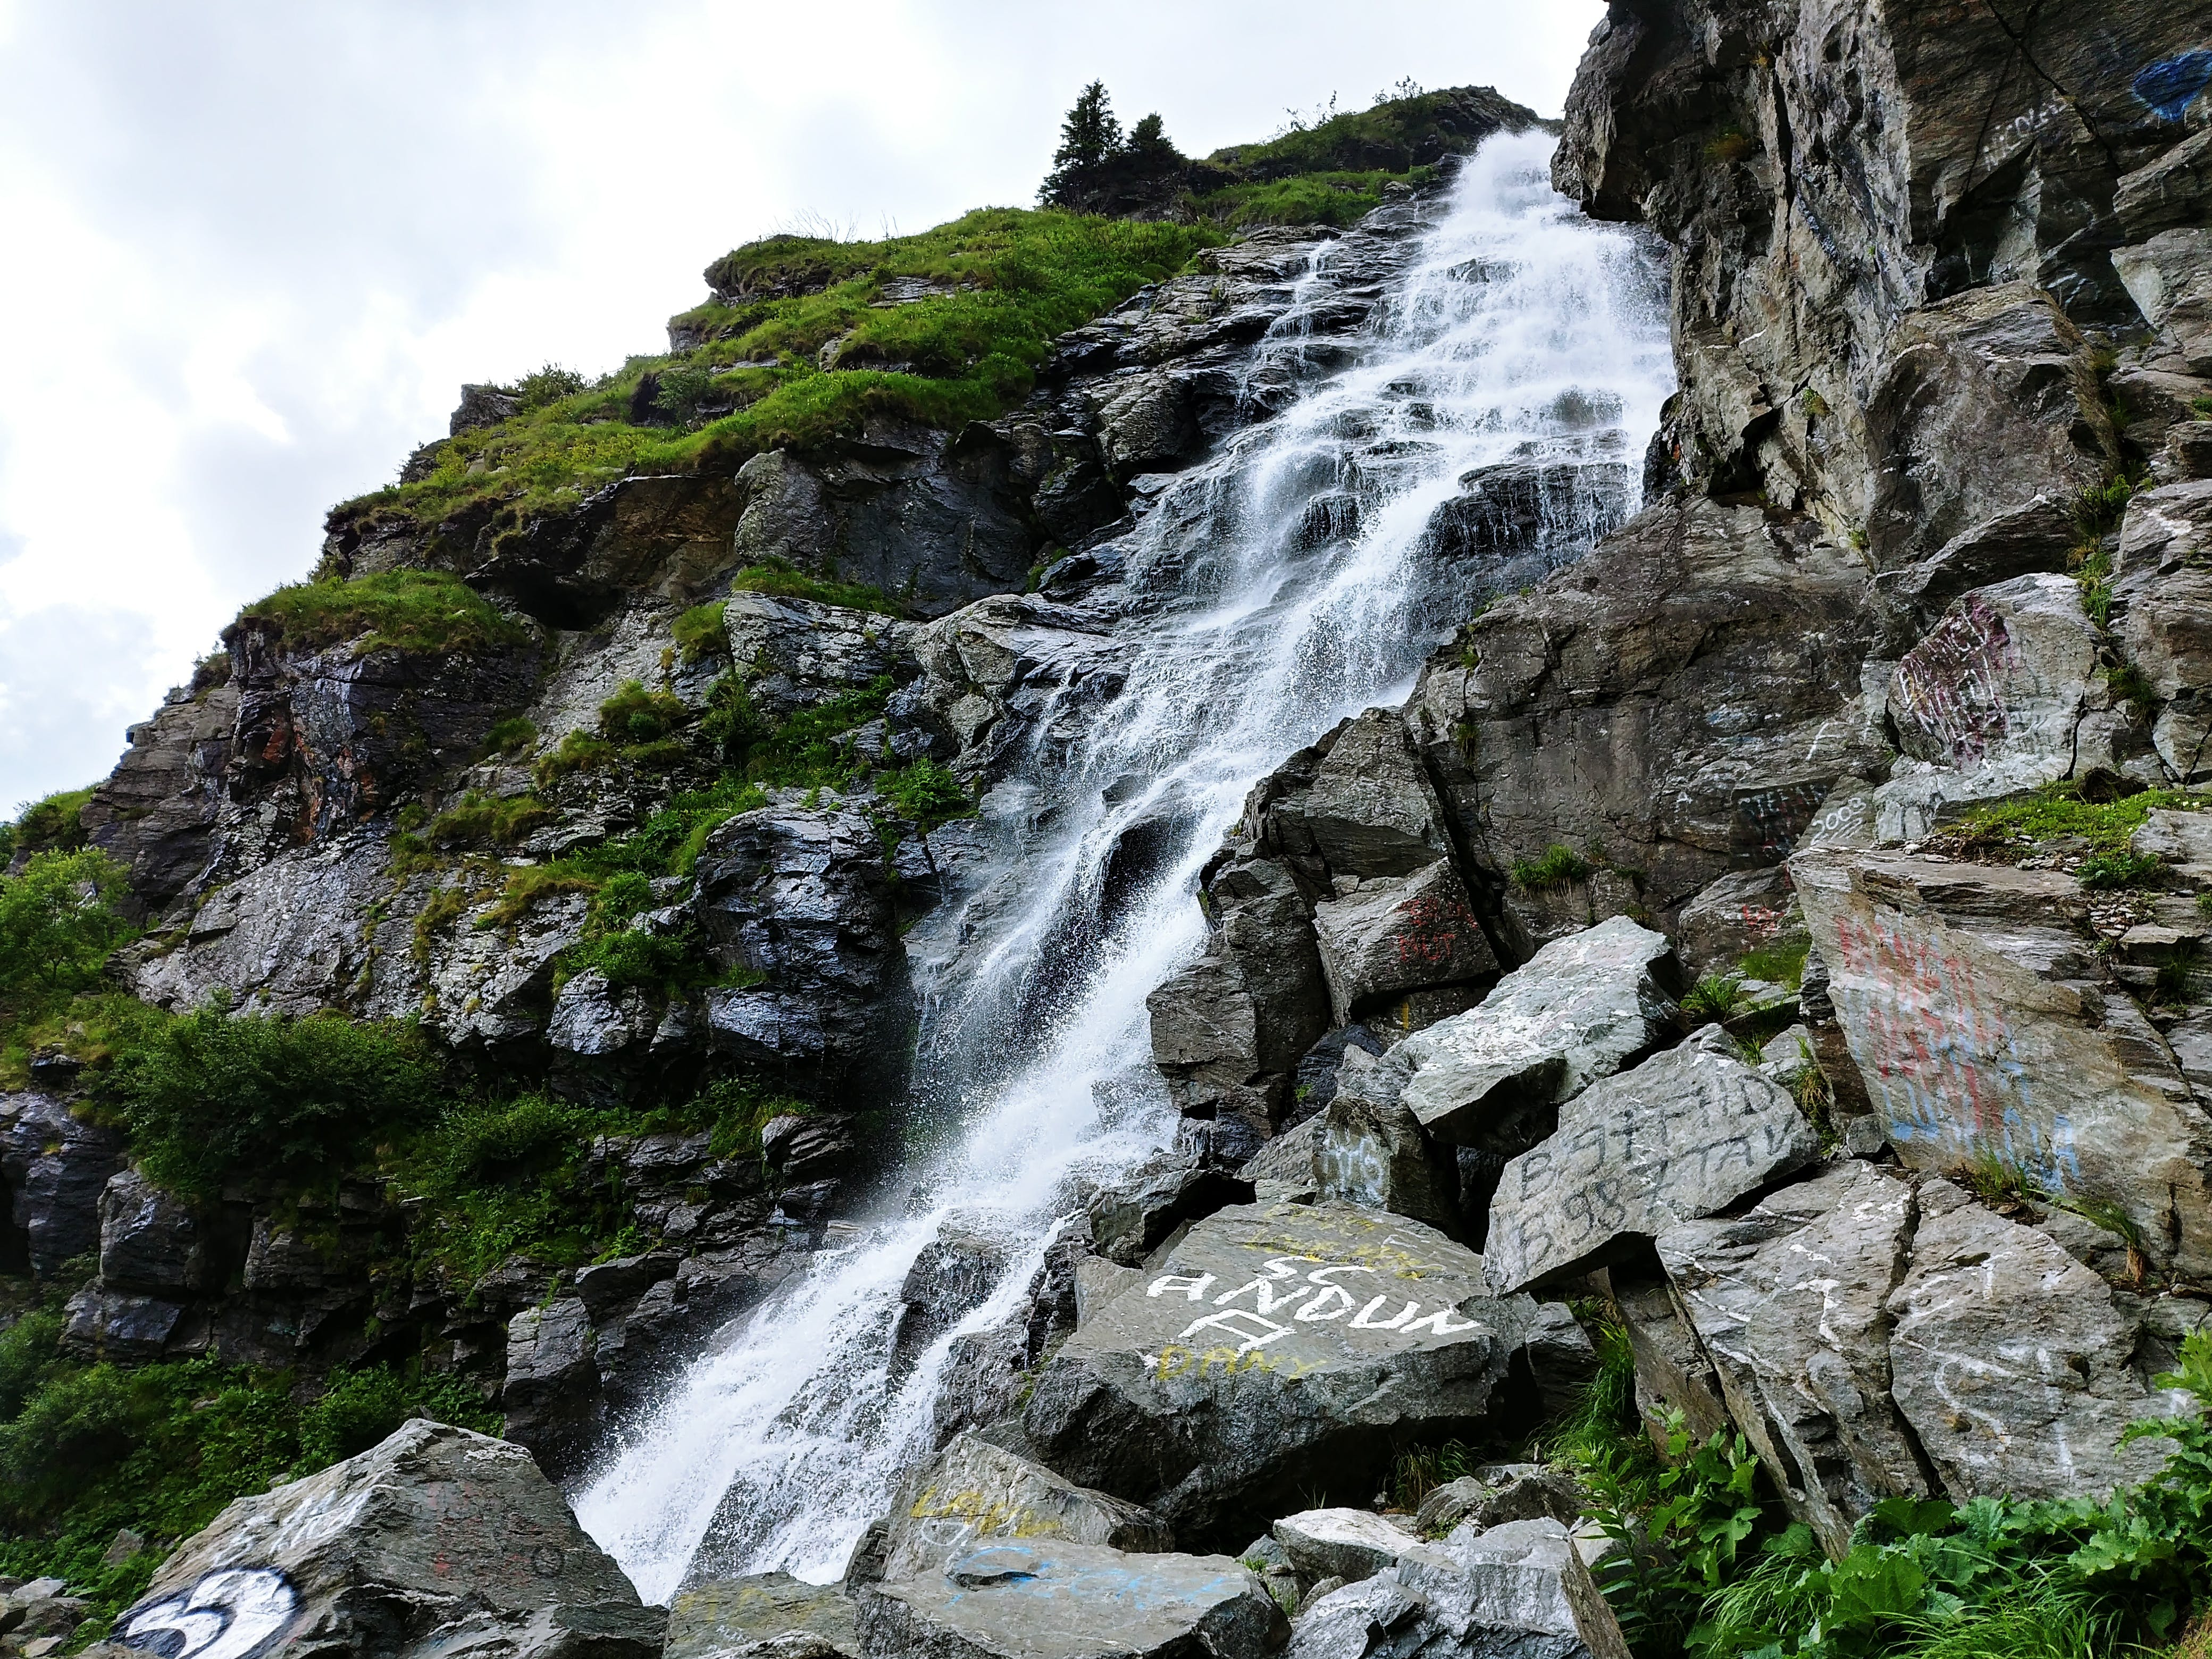 Kostnadsfri bild av bäck, berg, kaskad, natur